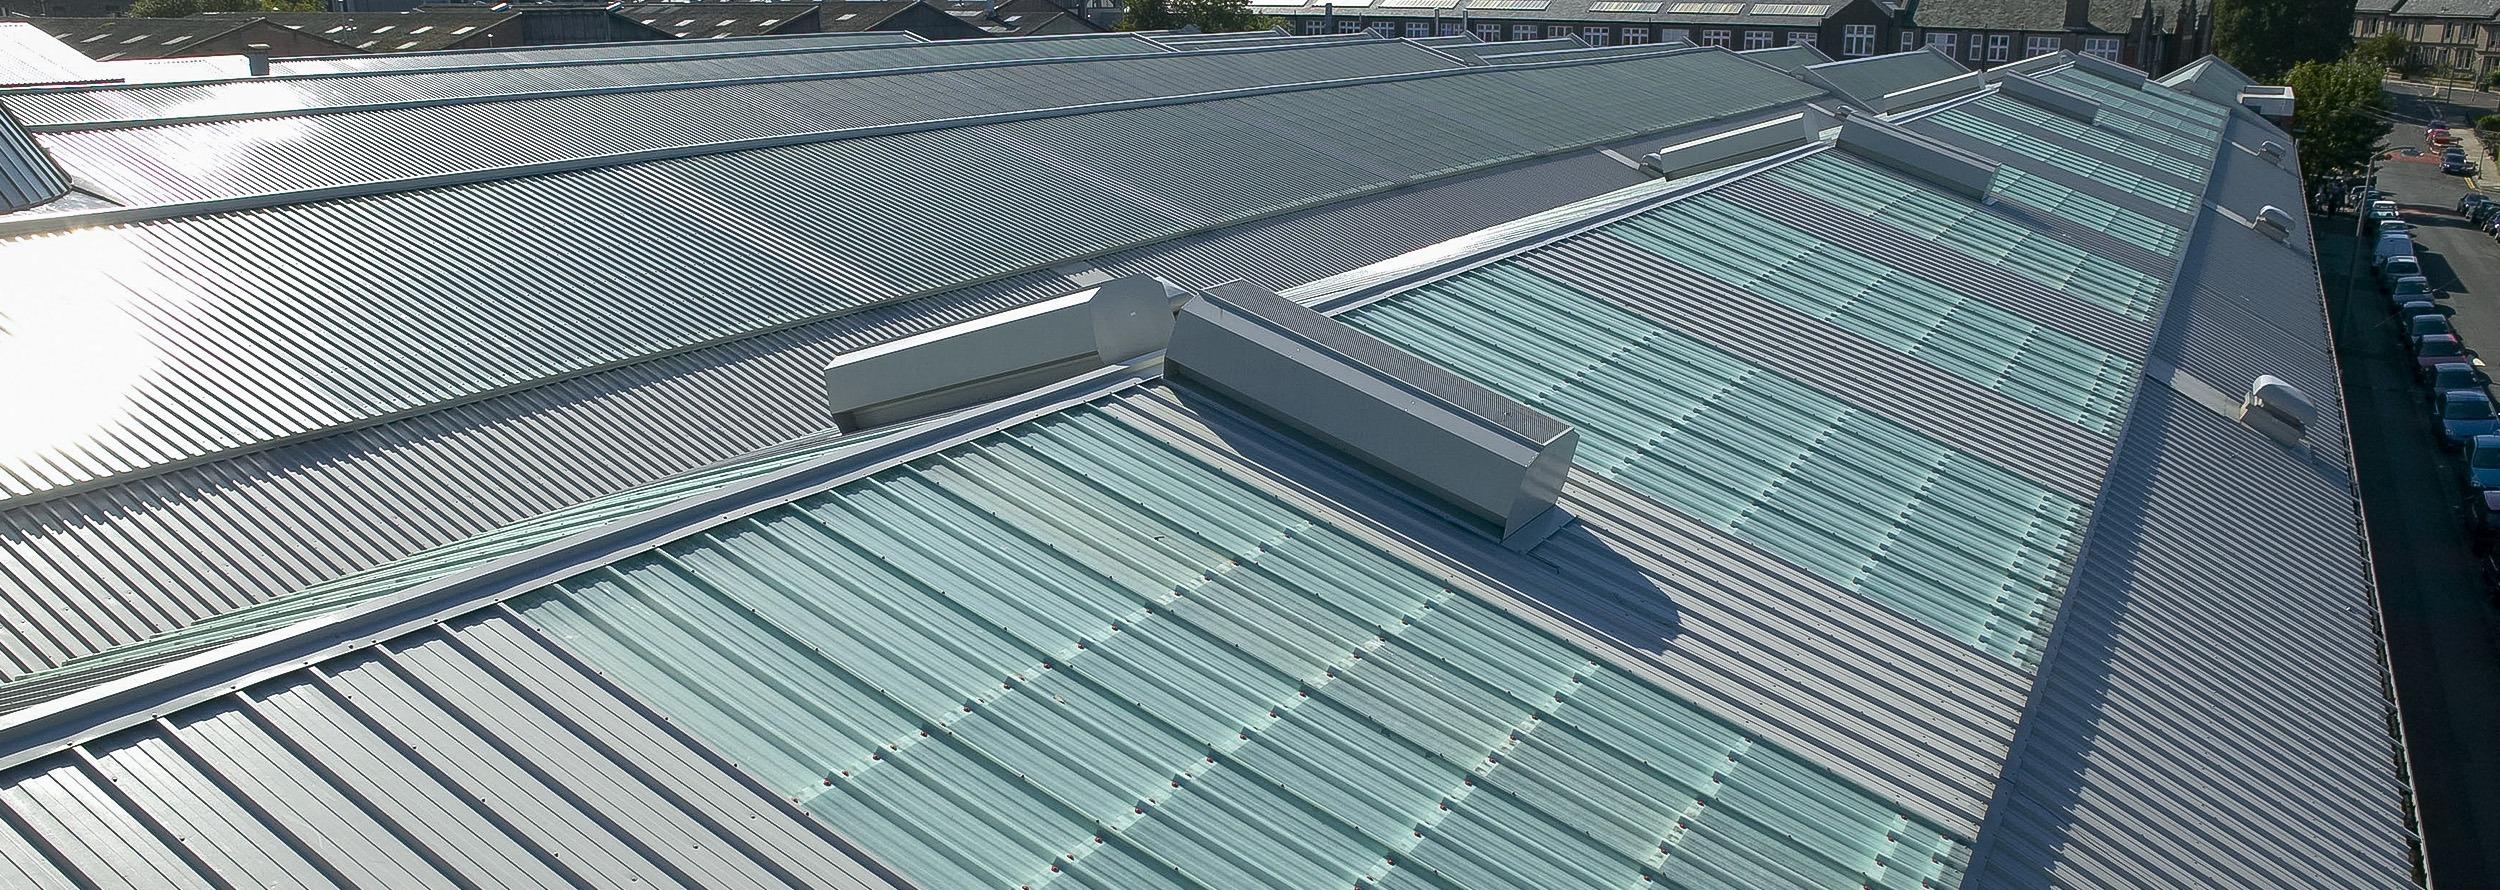 Kingspan rooflights